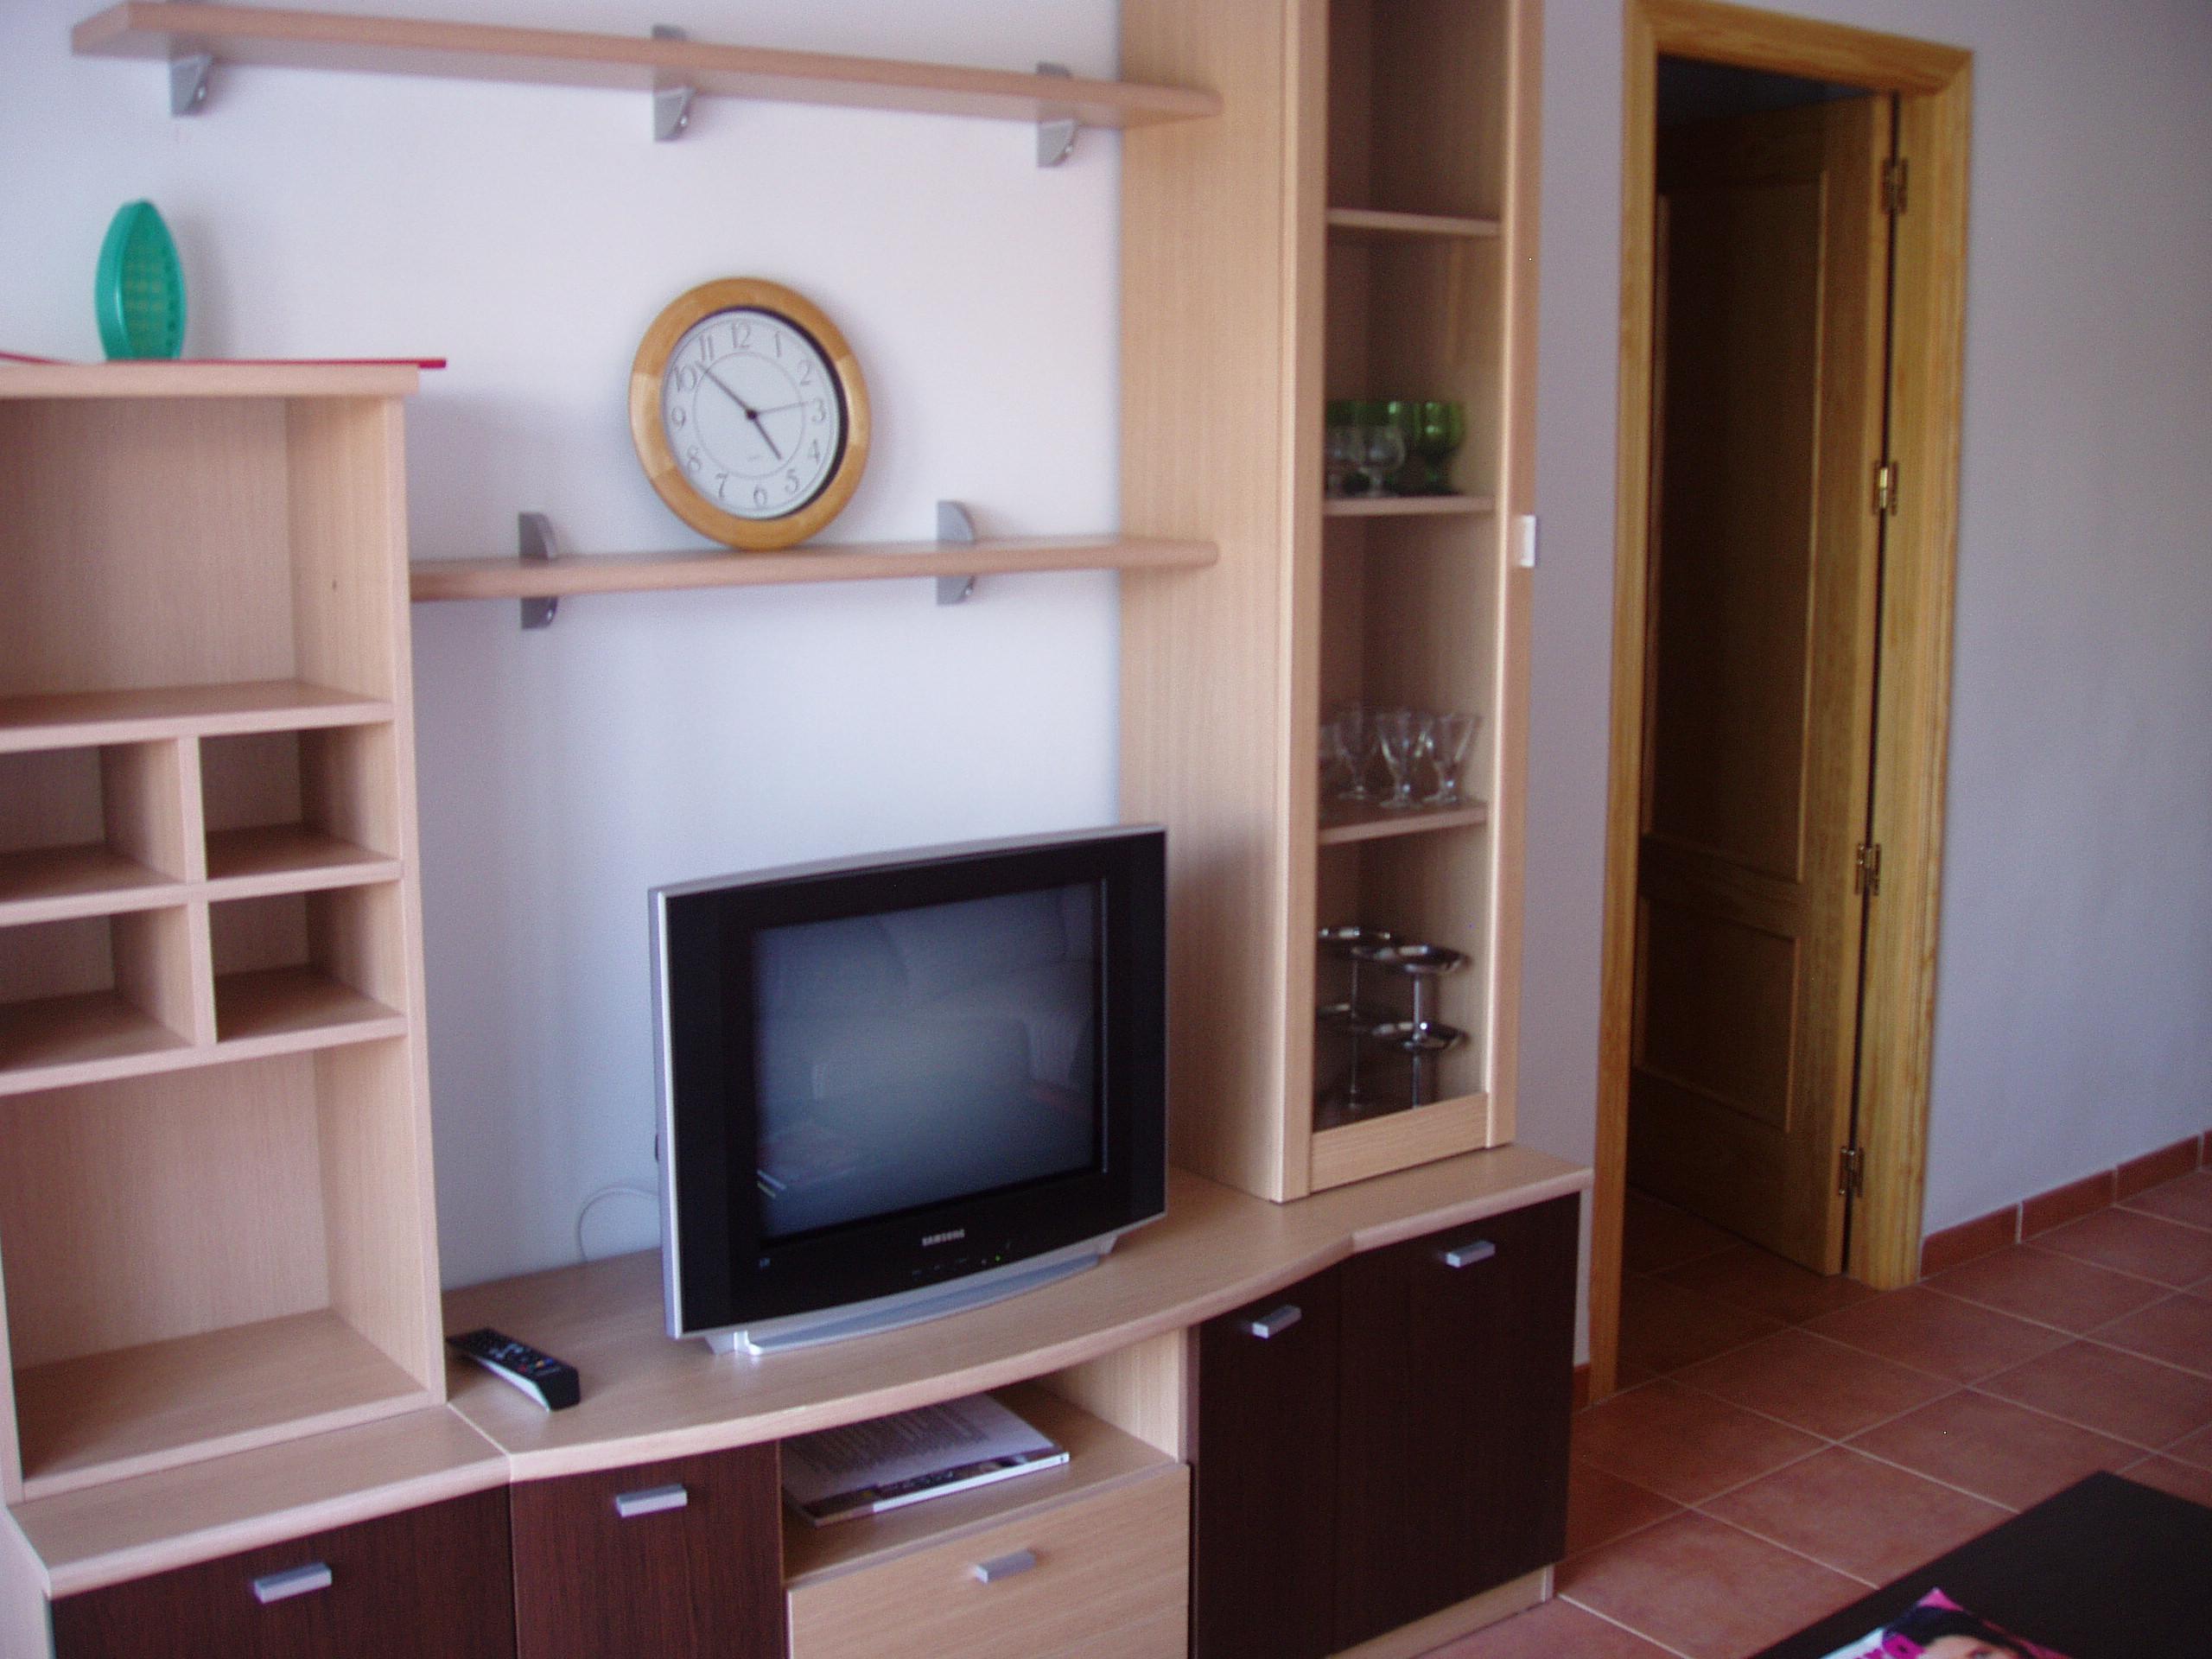 Ferienwohnung 3 Schlafzimmer Wohnung zu vermieten in Mojcar, Spanien (2388895), Mojacar, Costa de Almeria, Andalusien, Spanien, Bild 5